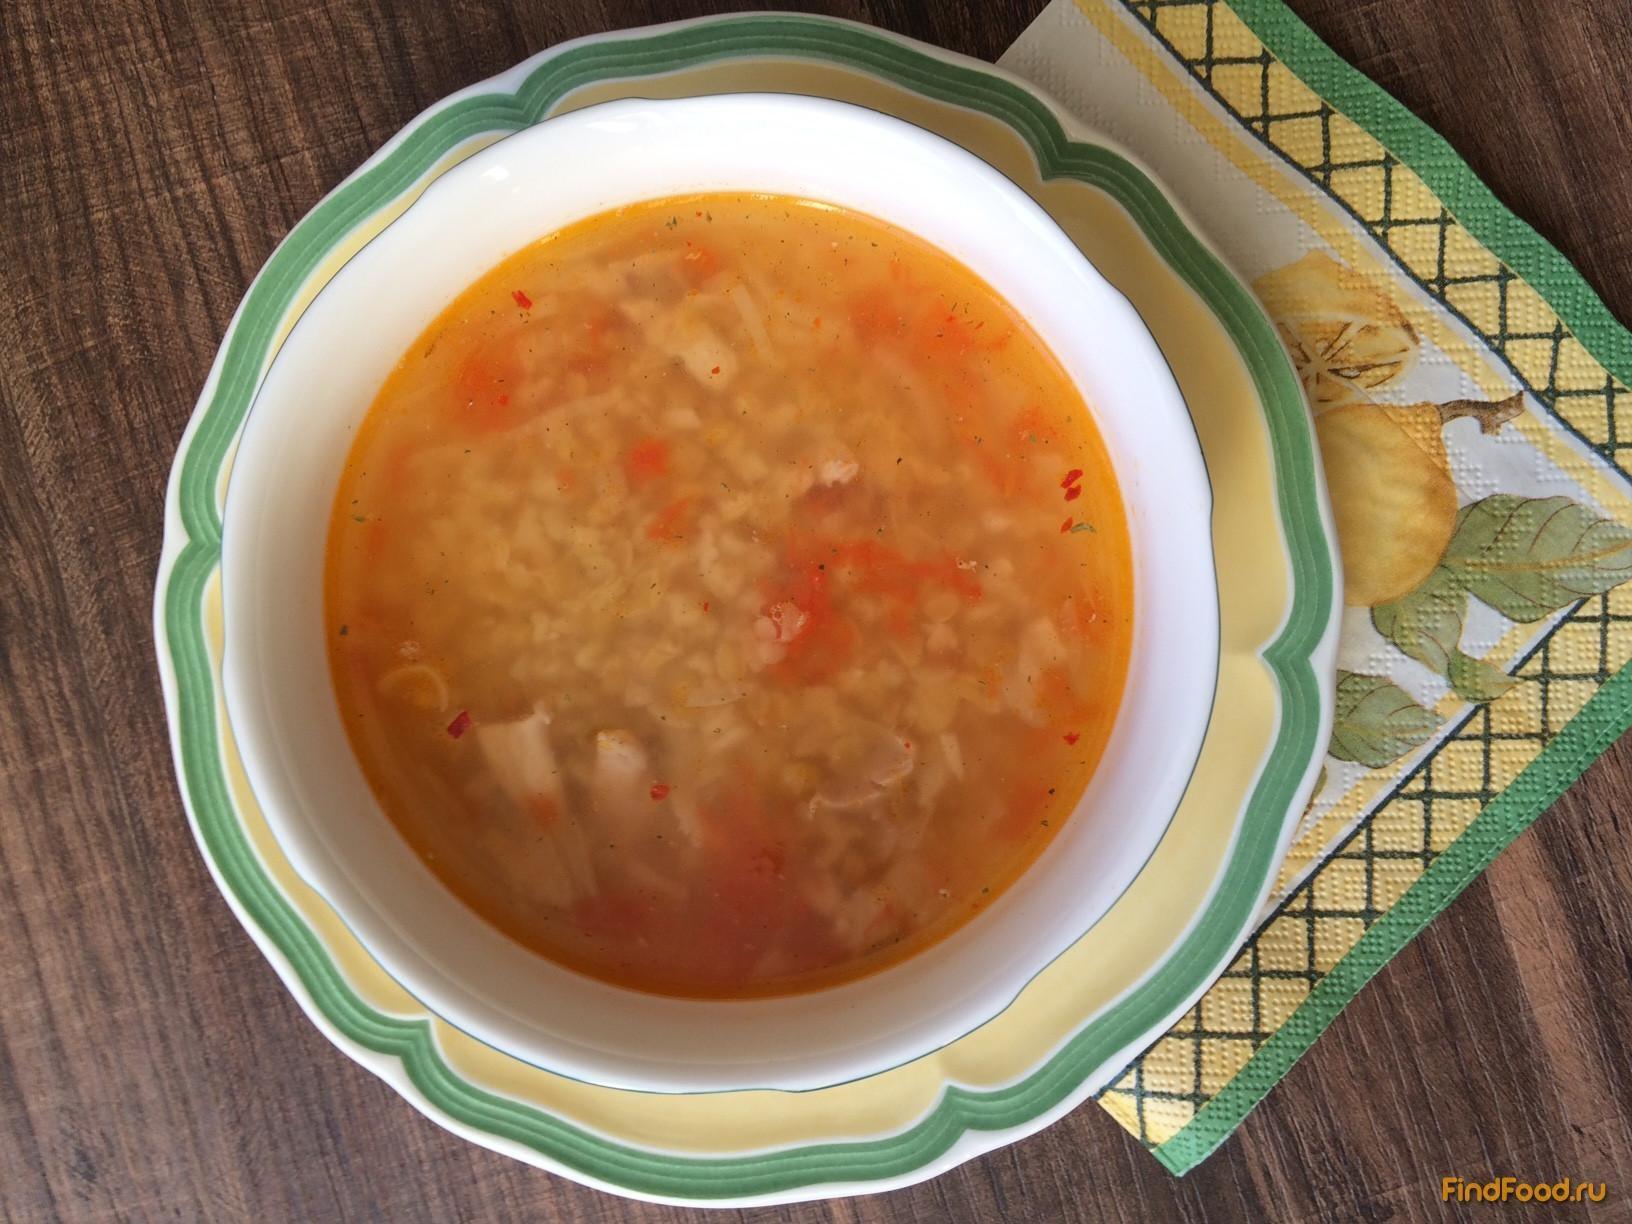 Рецепт турецкого супа с чечевицей и булгуром